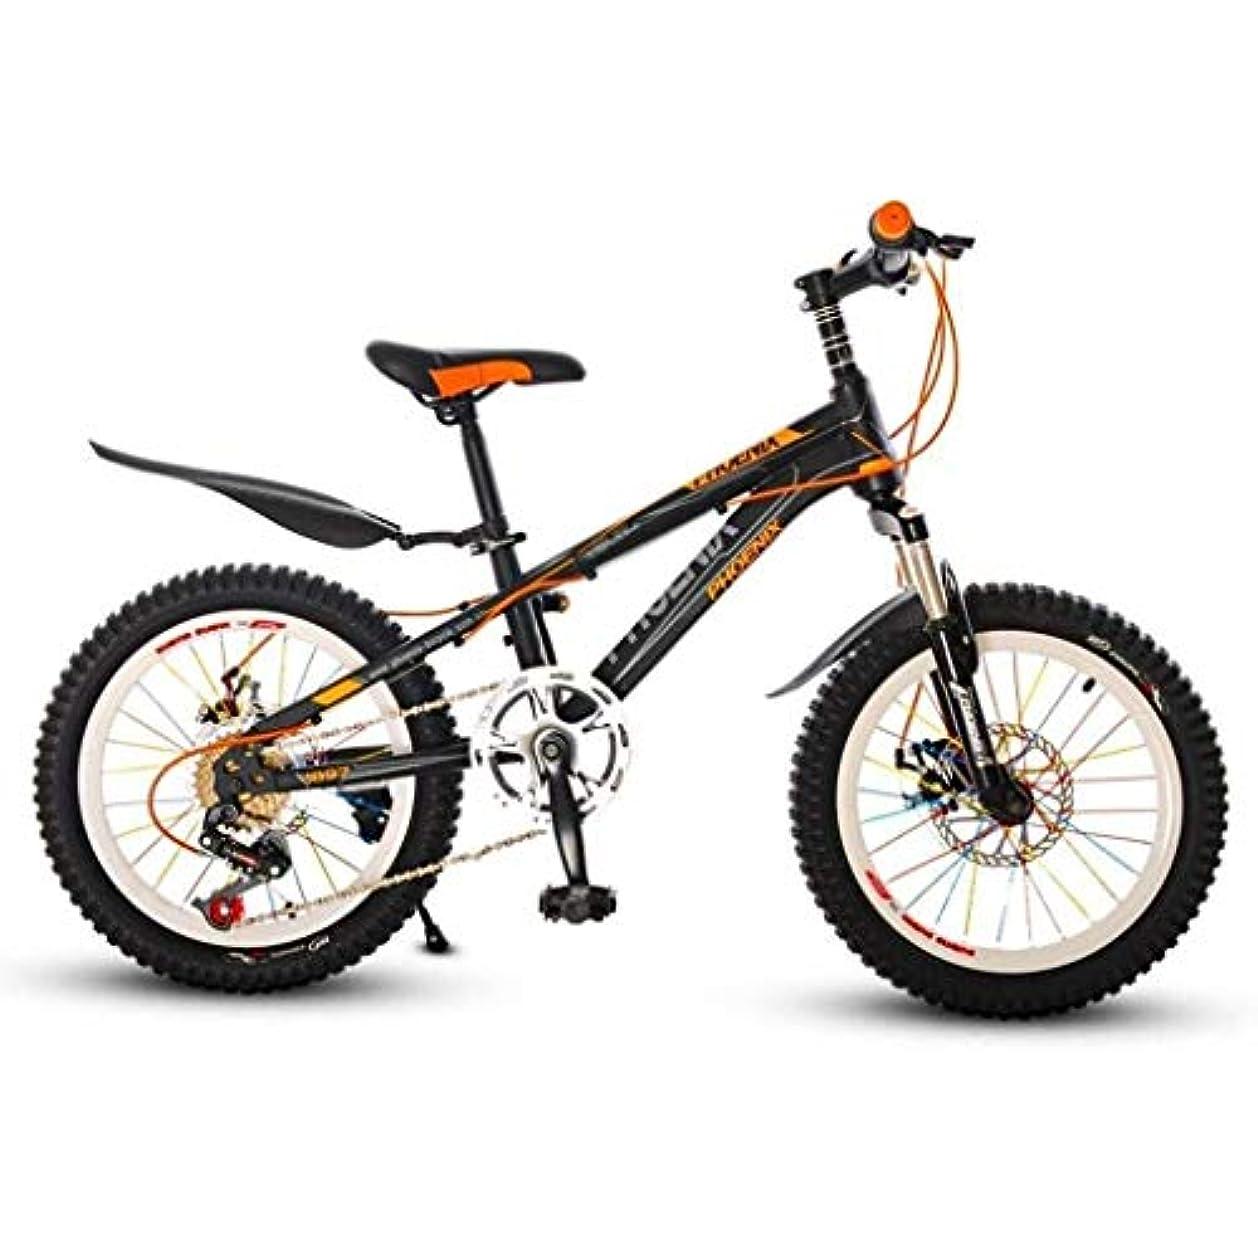 既に専門用語増幅20インチ子供のマウンテンバイクの衝撃吸収速度マウンテン屋外ボーイ中学生の自転車 (Size : 18inch)